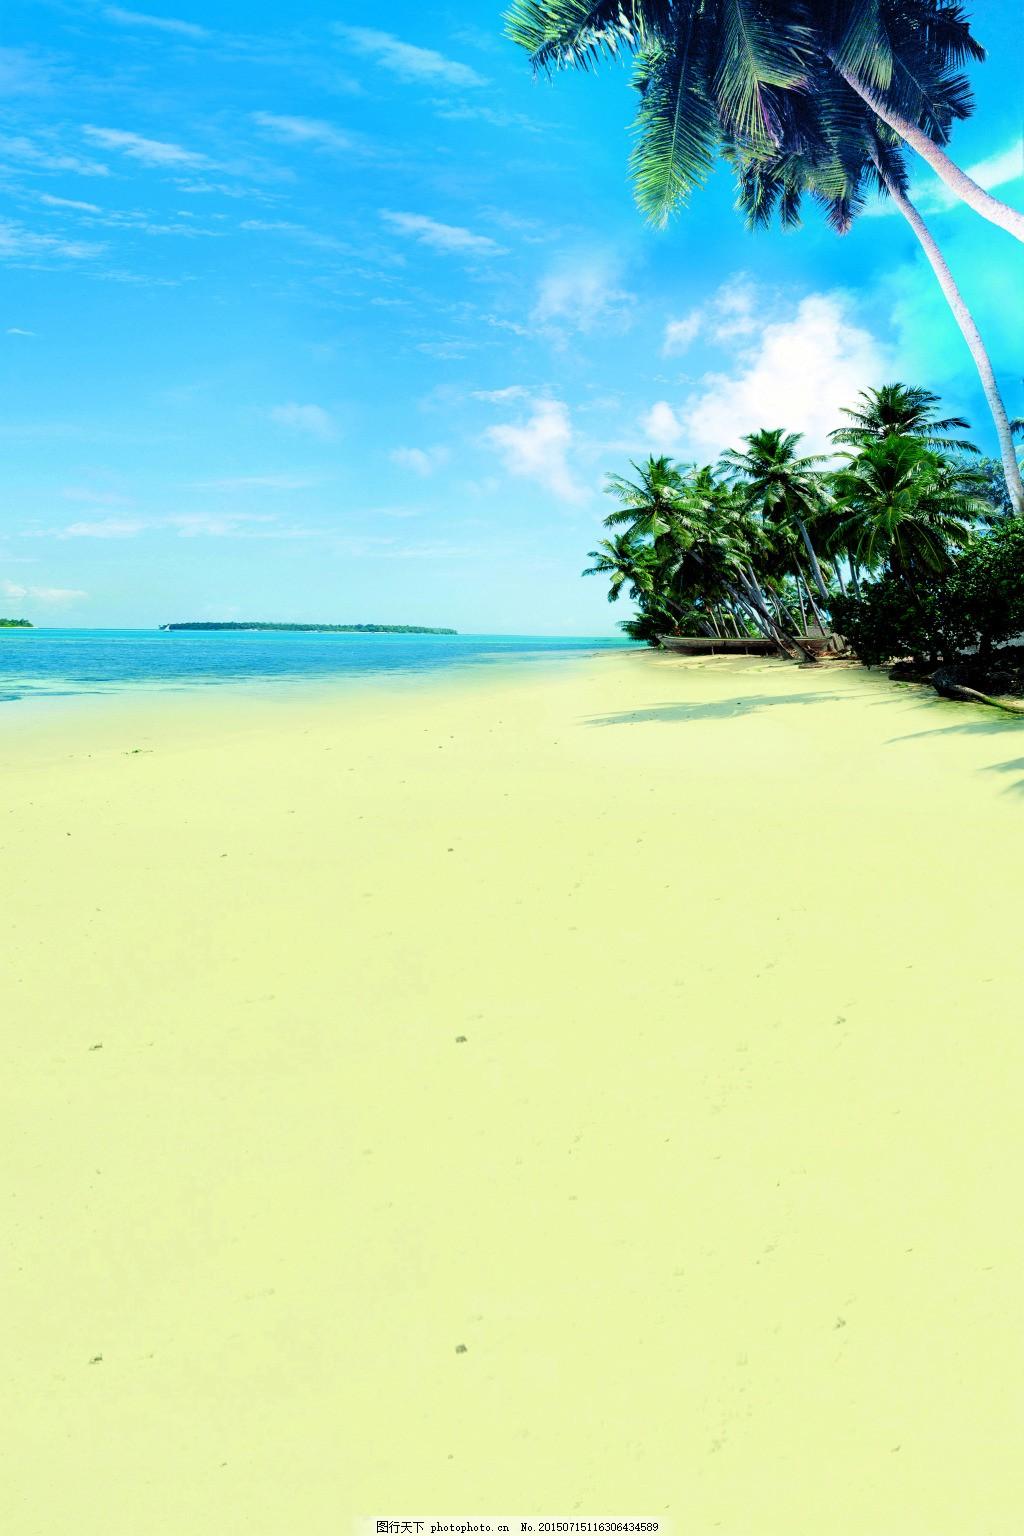 海边风景图 背景图 黄色